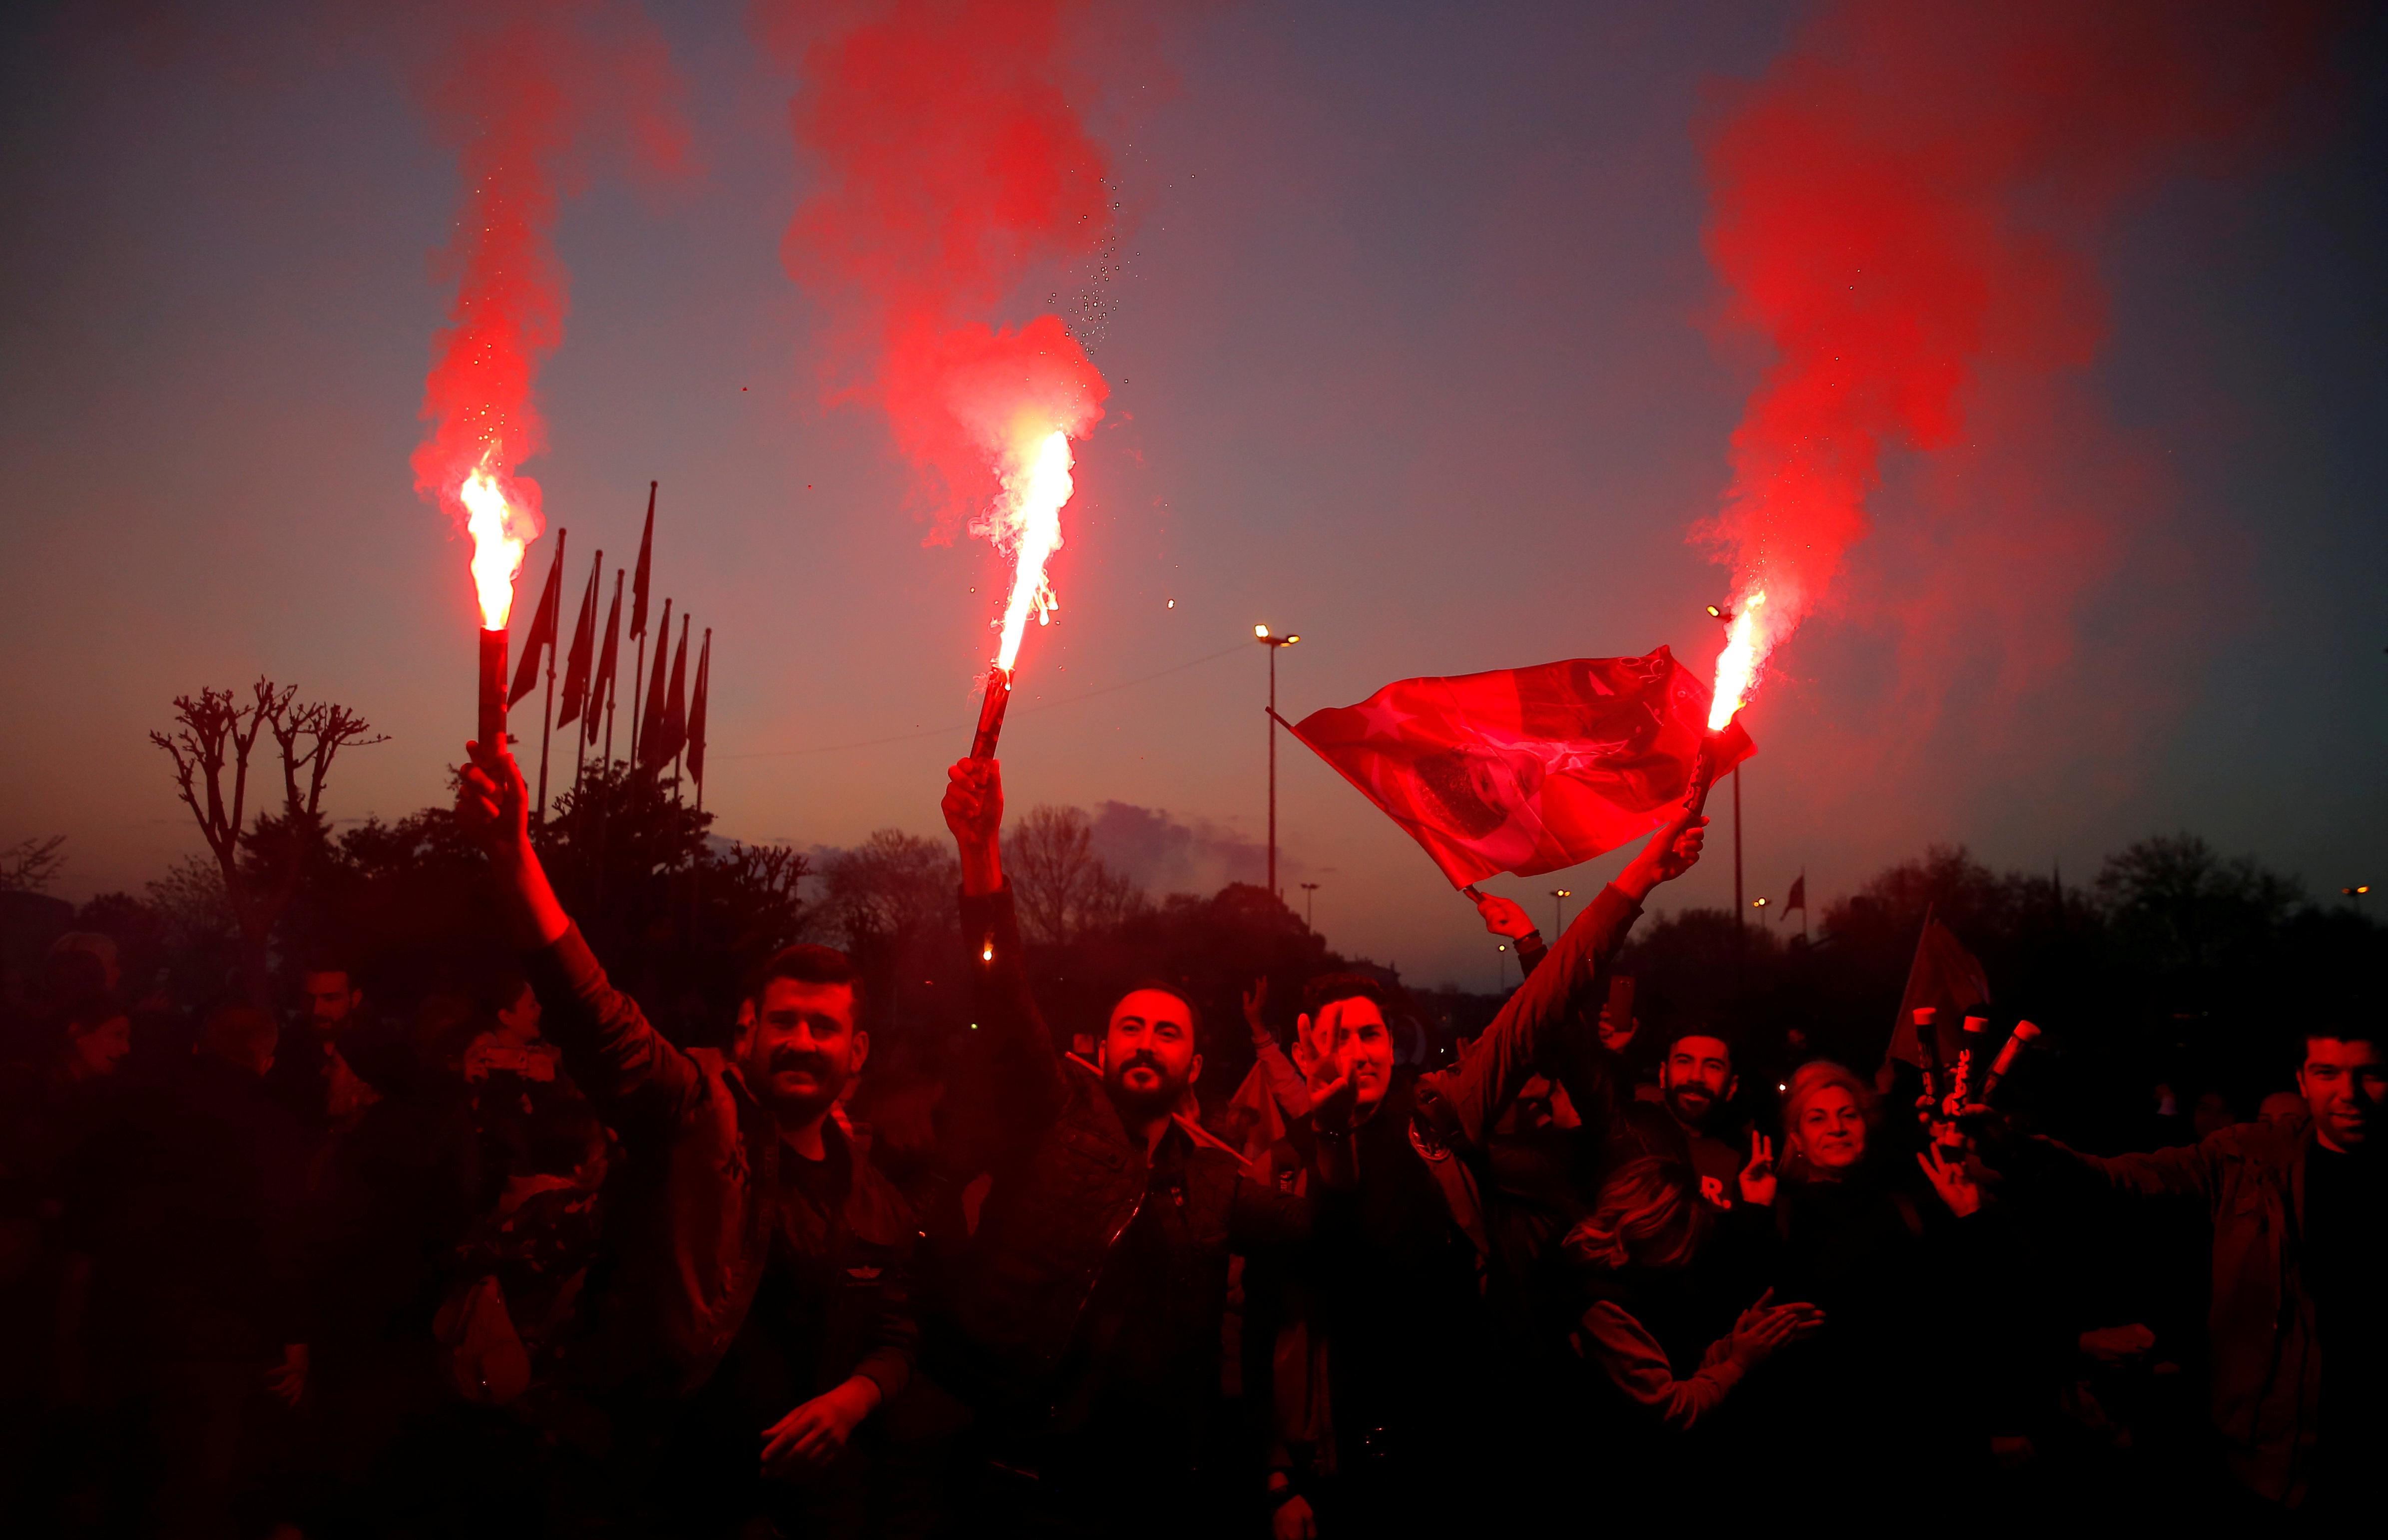 احتفالات اسطنبول بفوز مرشح المعارضة على حساب الحزب الحاكم (18)